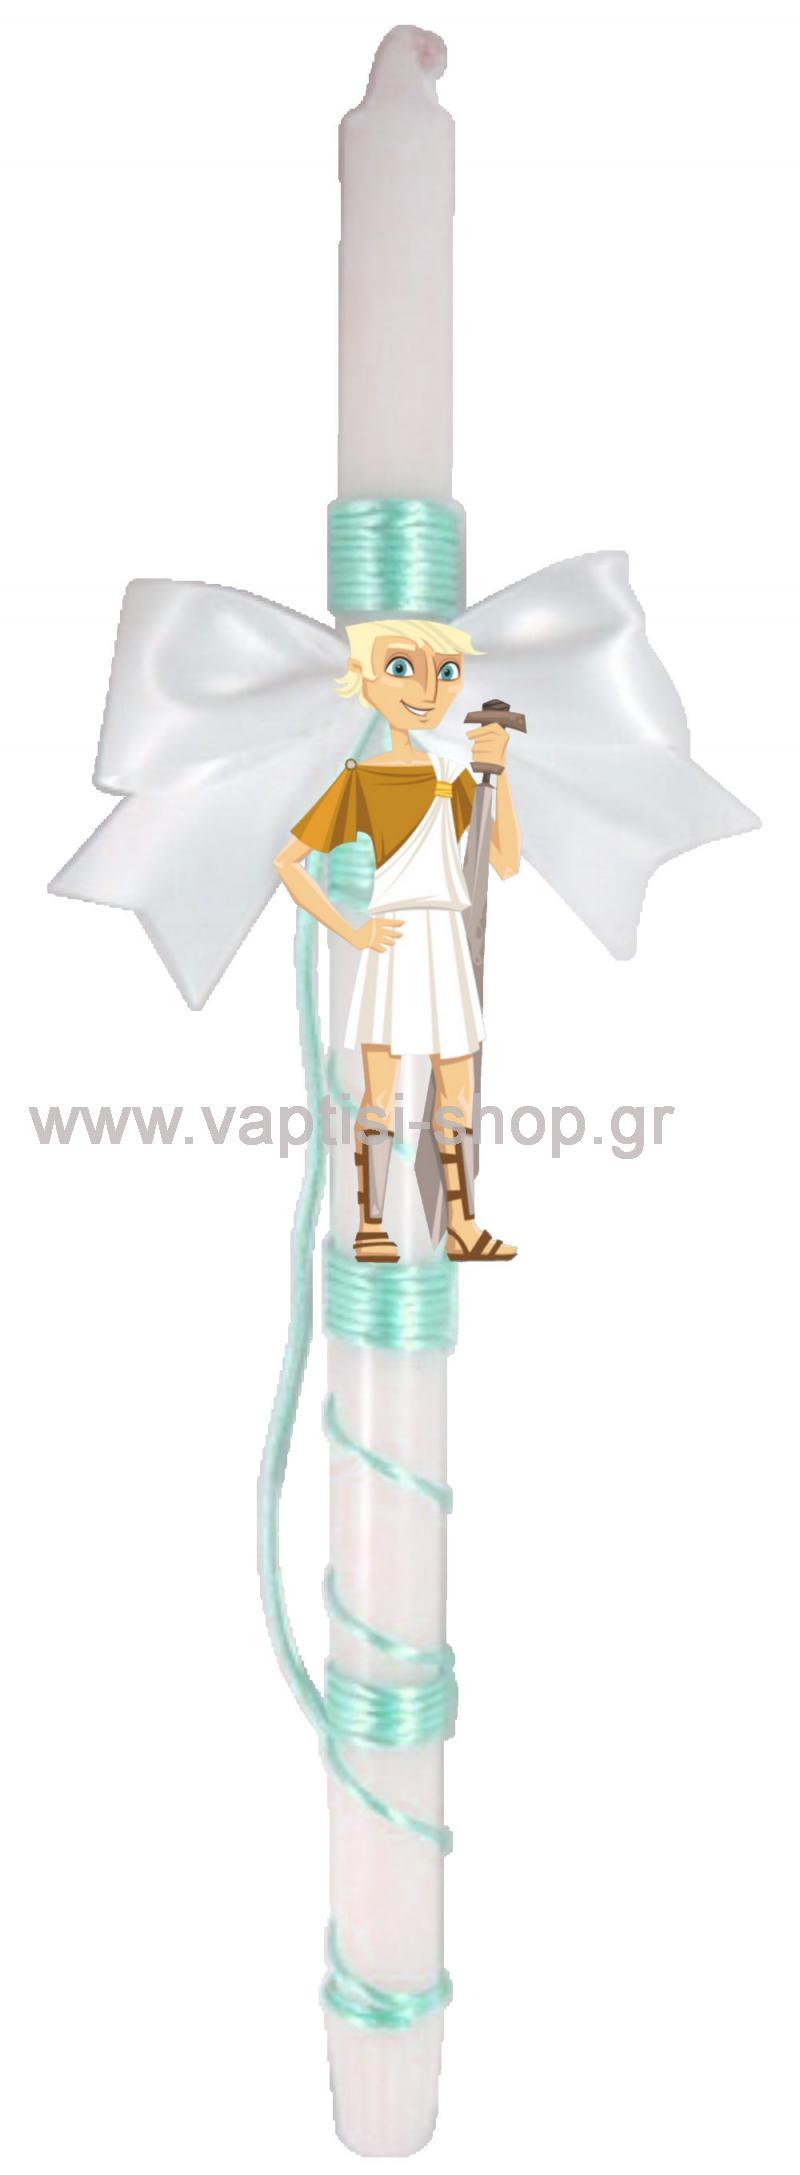 Πασχαλινή Λαμπάδα Αρχαίος Έλληνας